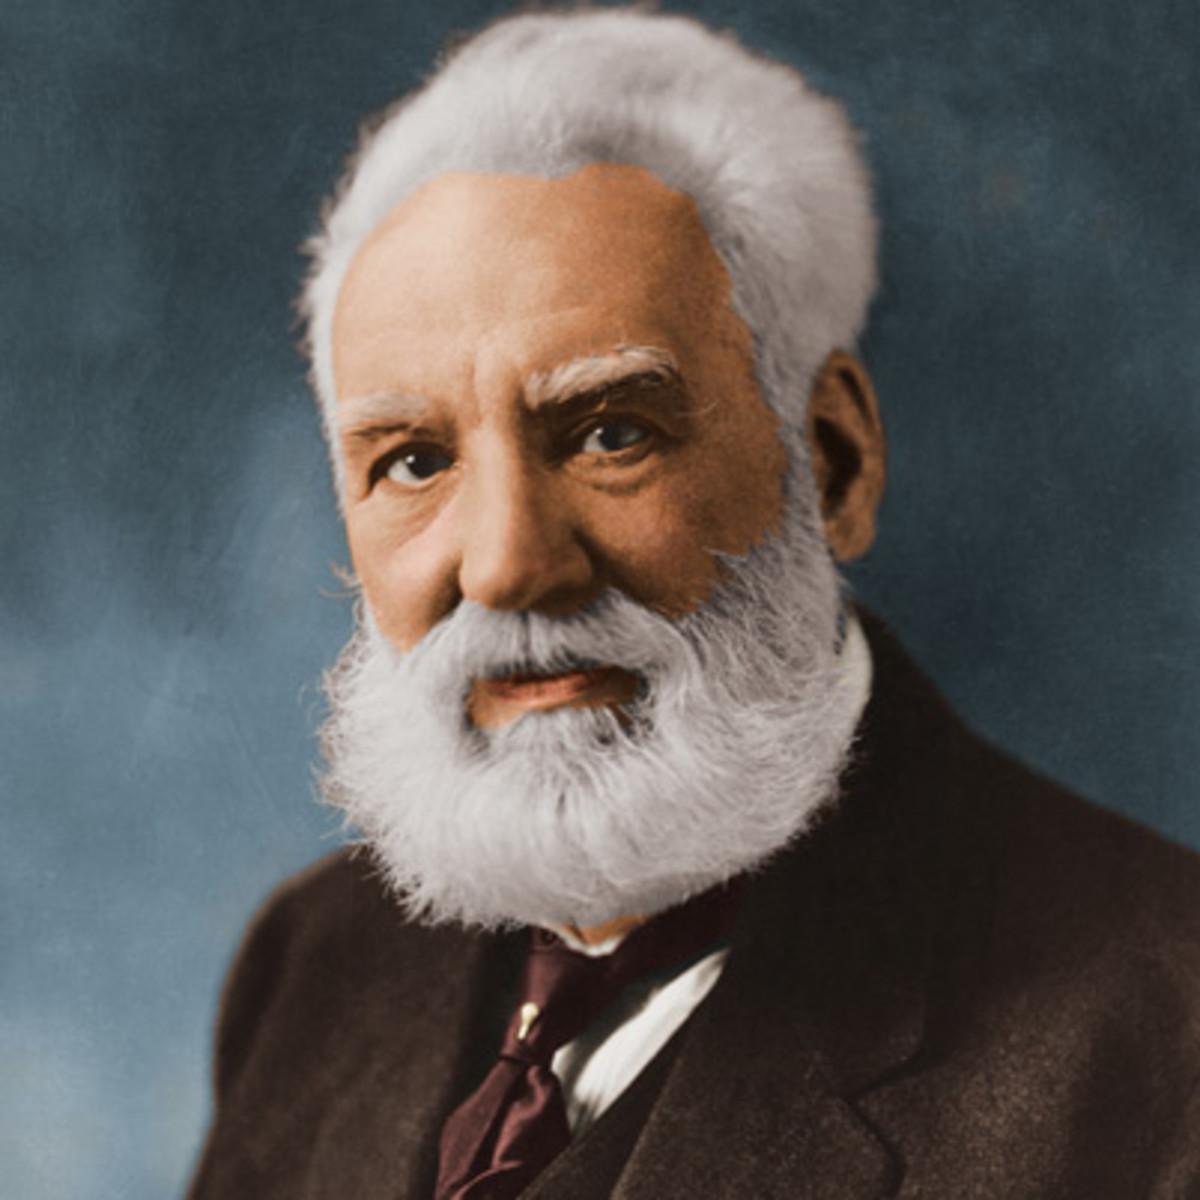 அலெக்சாண்டர் கிரகாம்பெல் Alexander Graham Bell